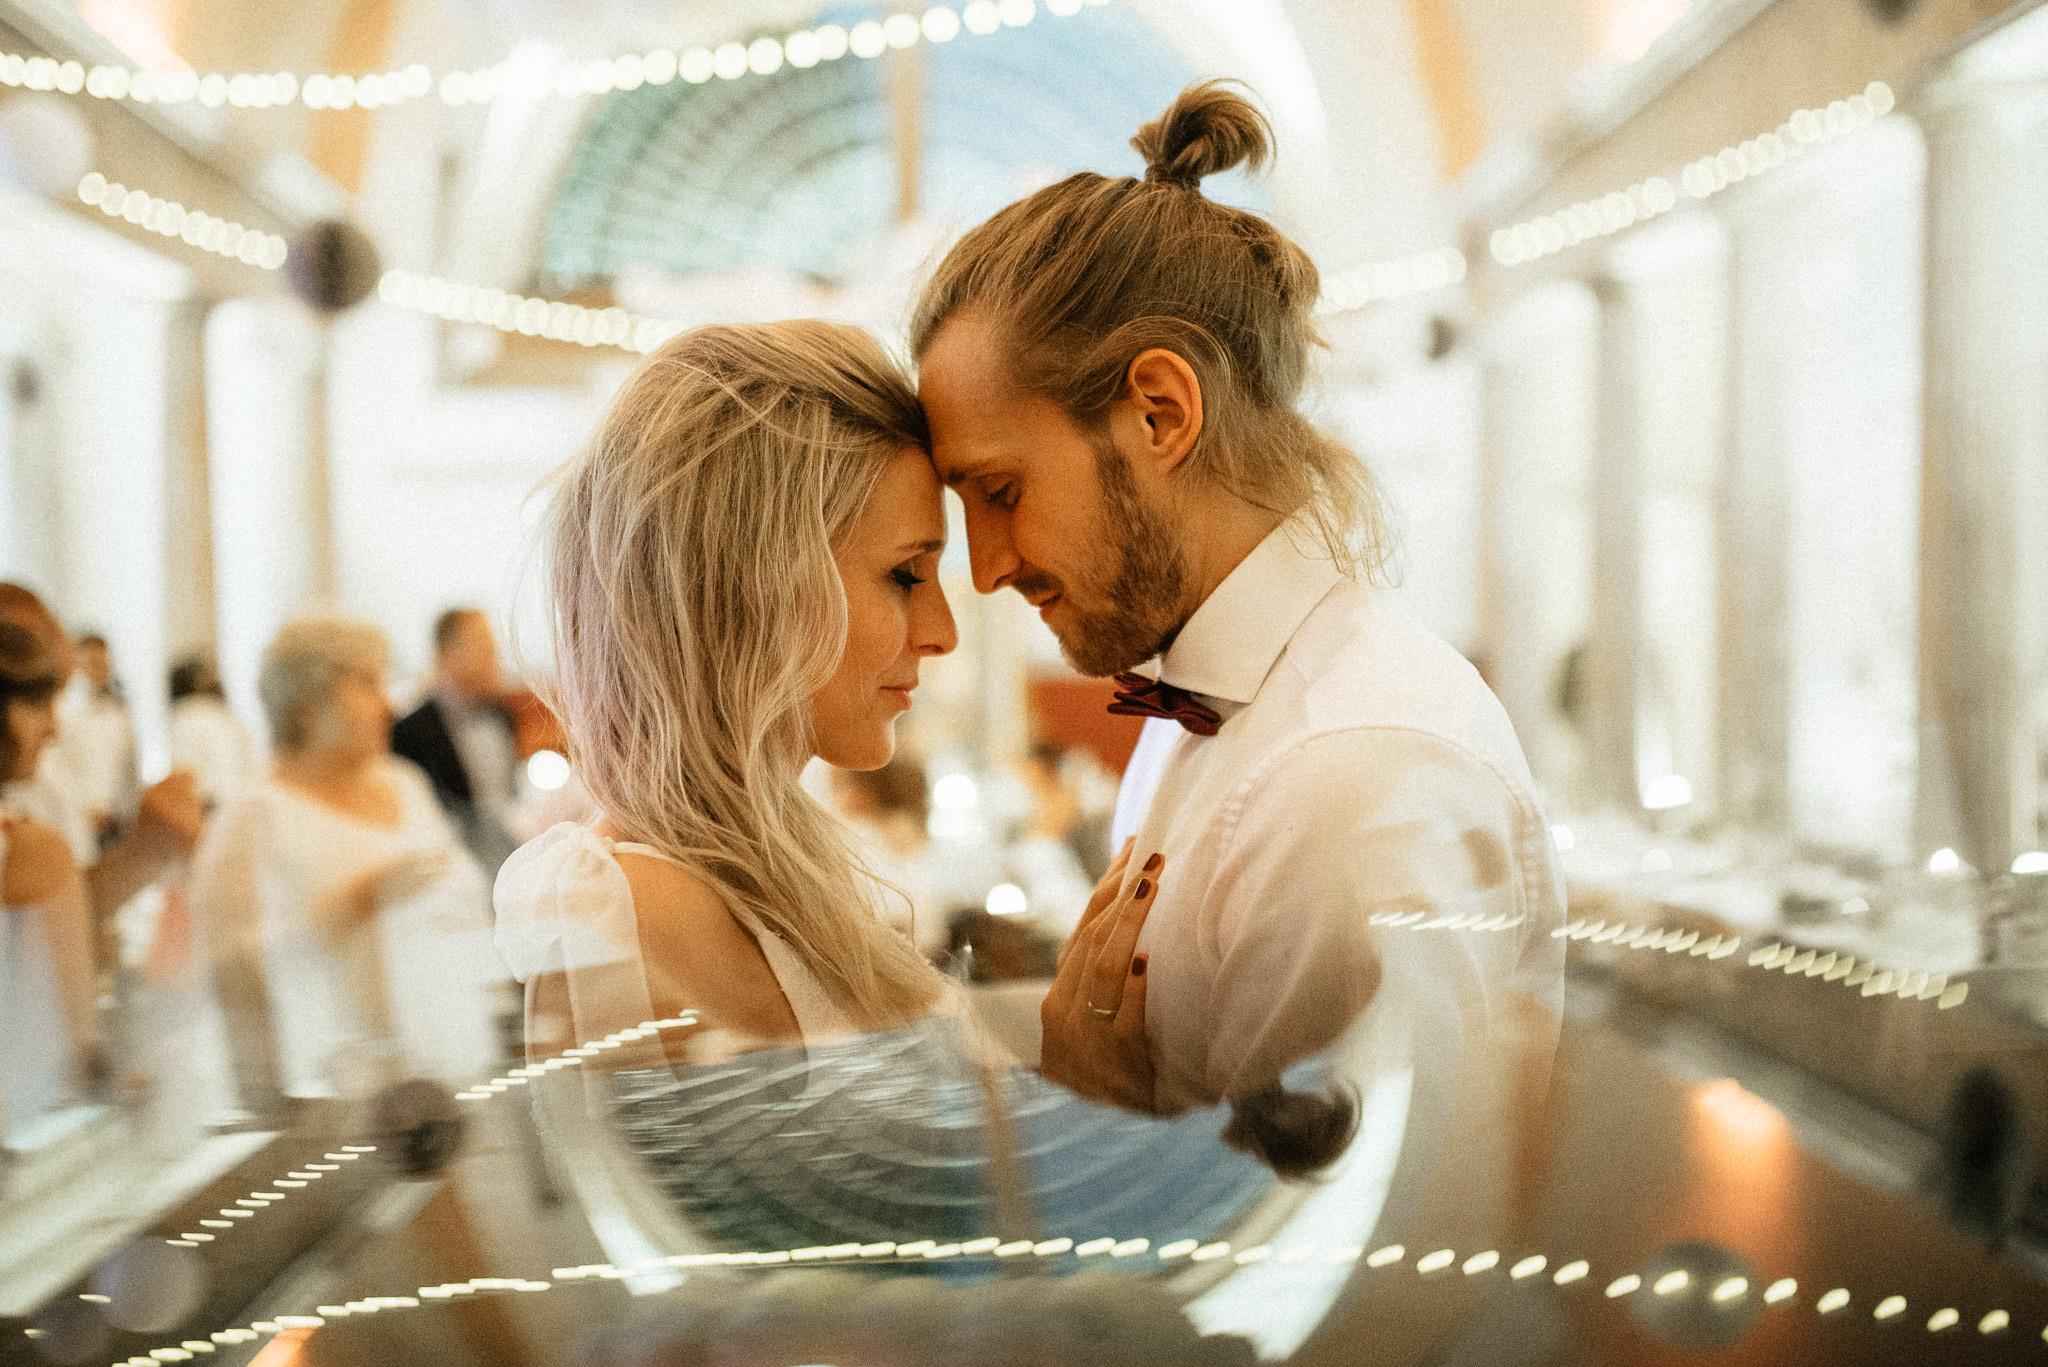 Caro und Florian Hochzeit Weimar Schießhaus Carolinenturm wedding2017 timohessfotografie hochzeitsfotograf würzburg destinationwedding